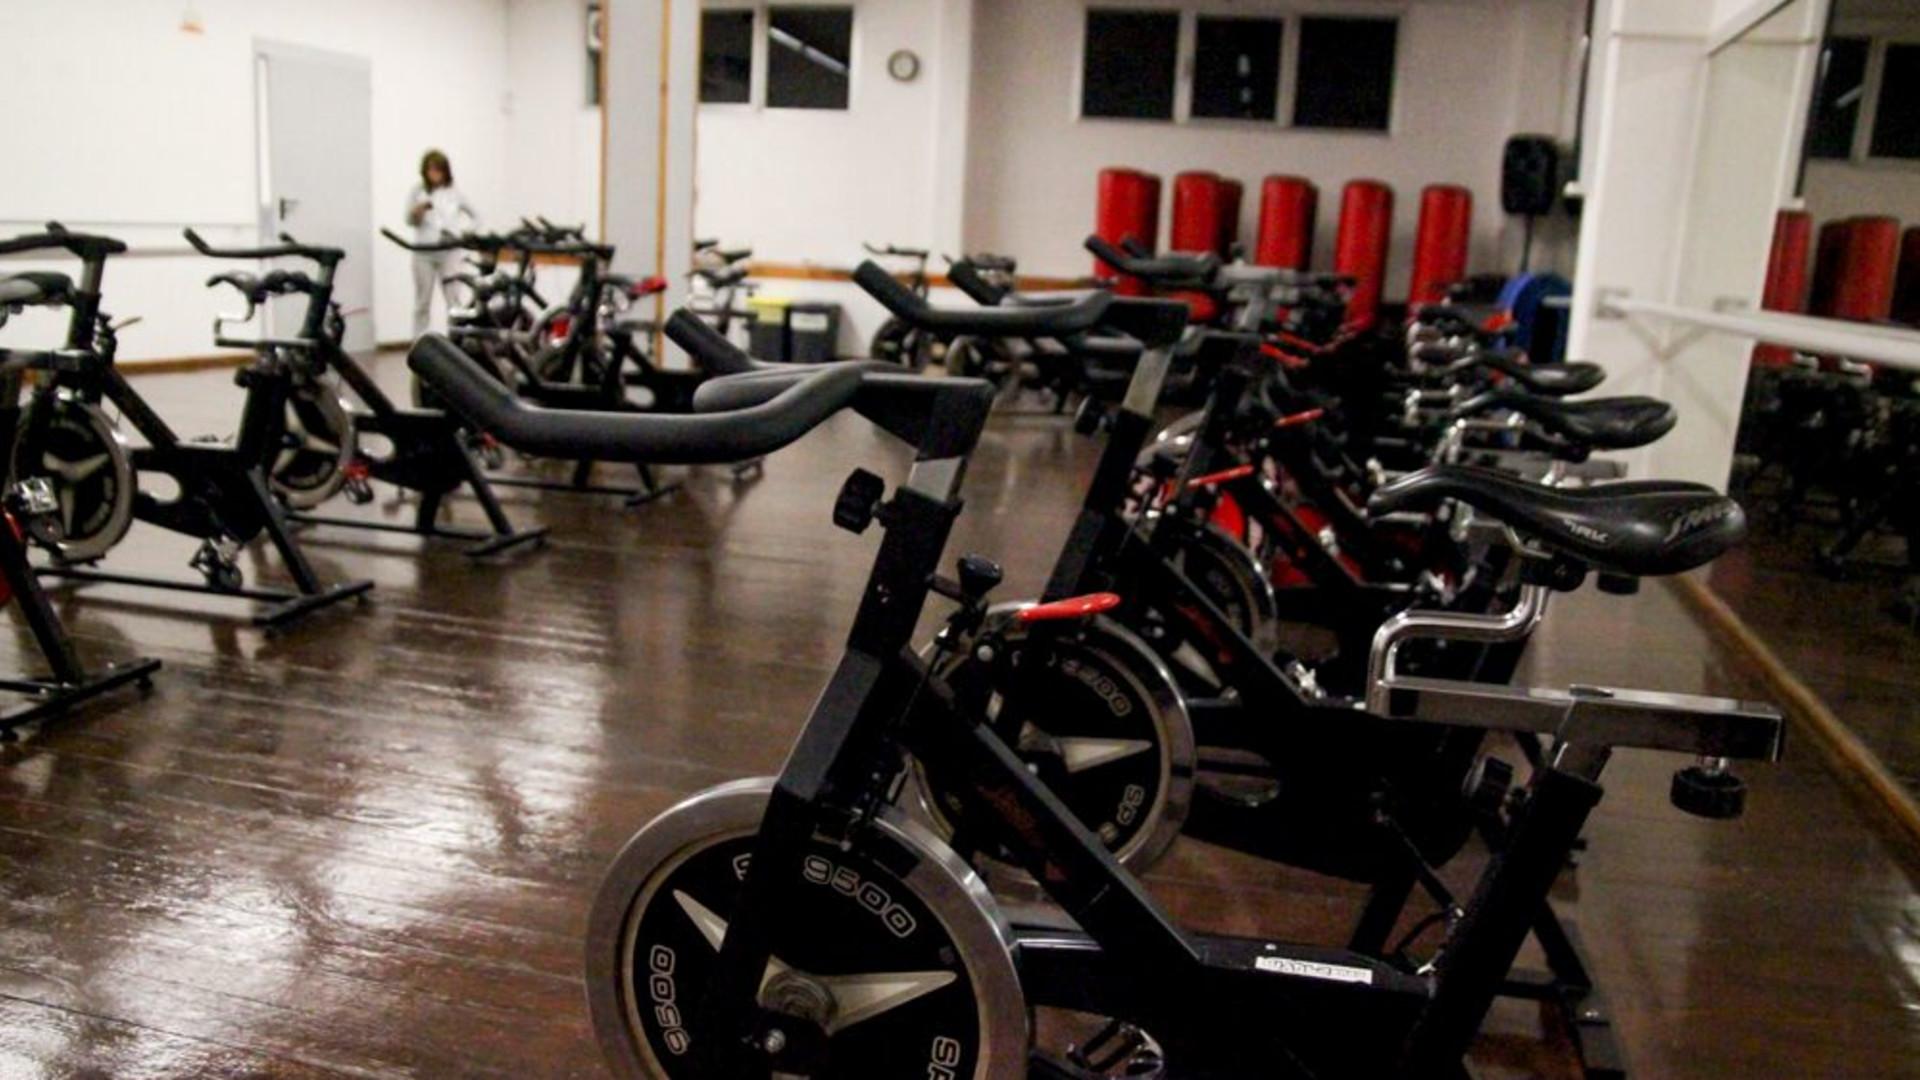 Club 24 Gym Busto Garolfo